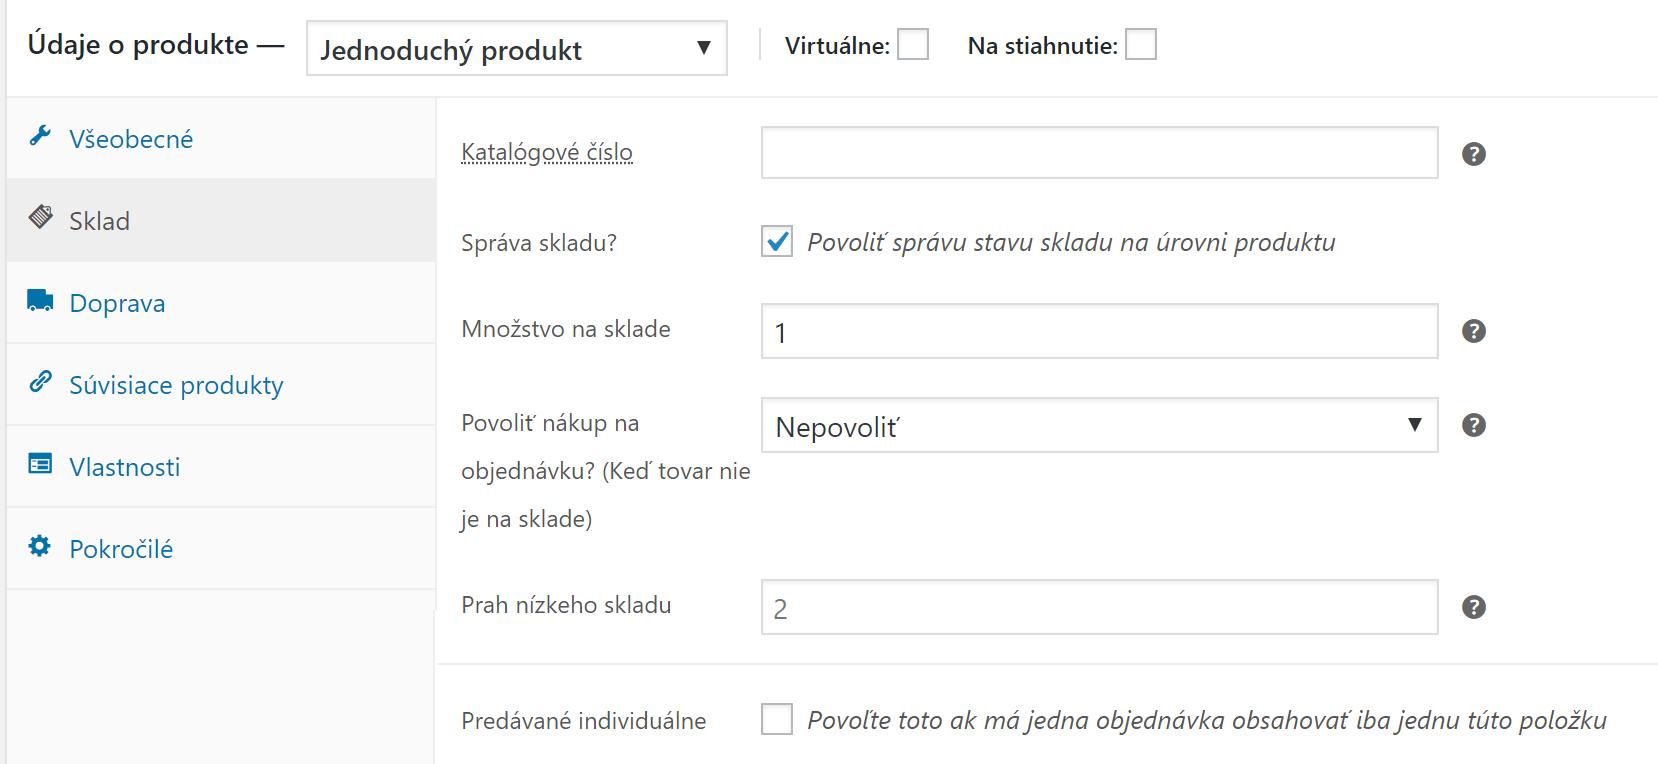 Správa skladu na úrovni produktu